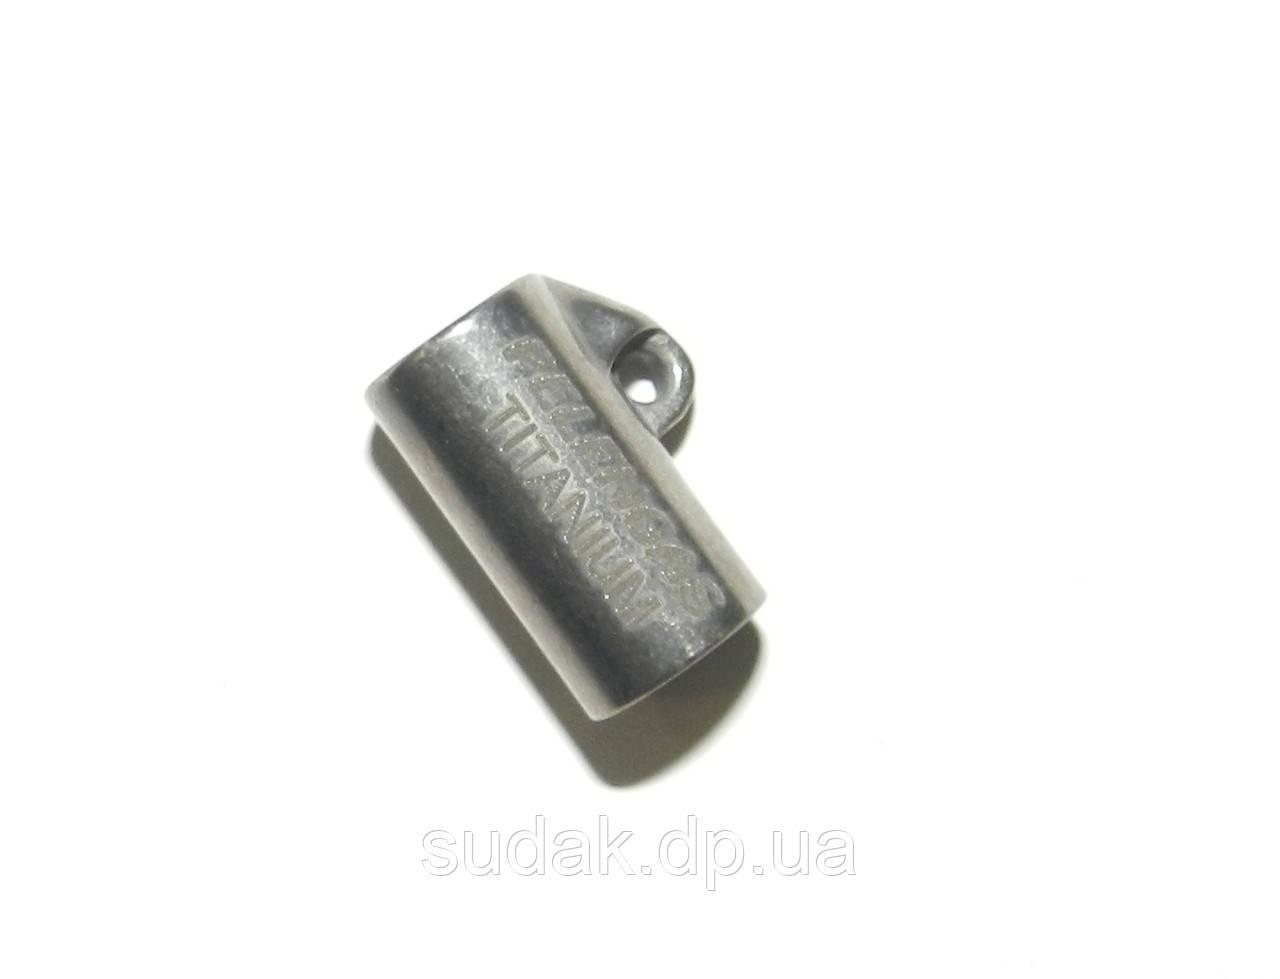 PELENGAS Змінна втулка Titanium з гидротормозом 7,5 мм